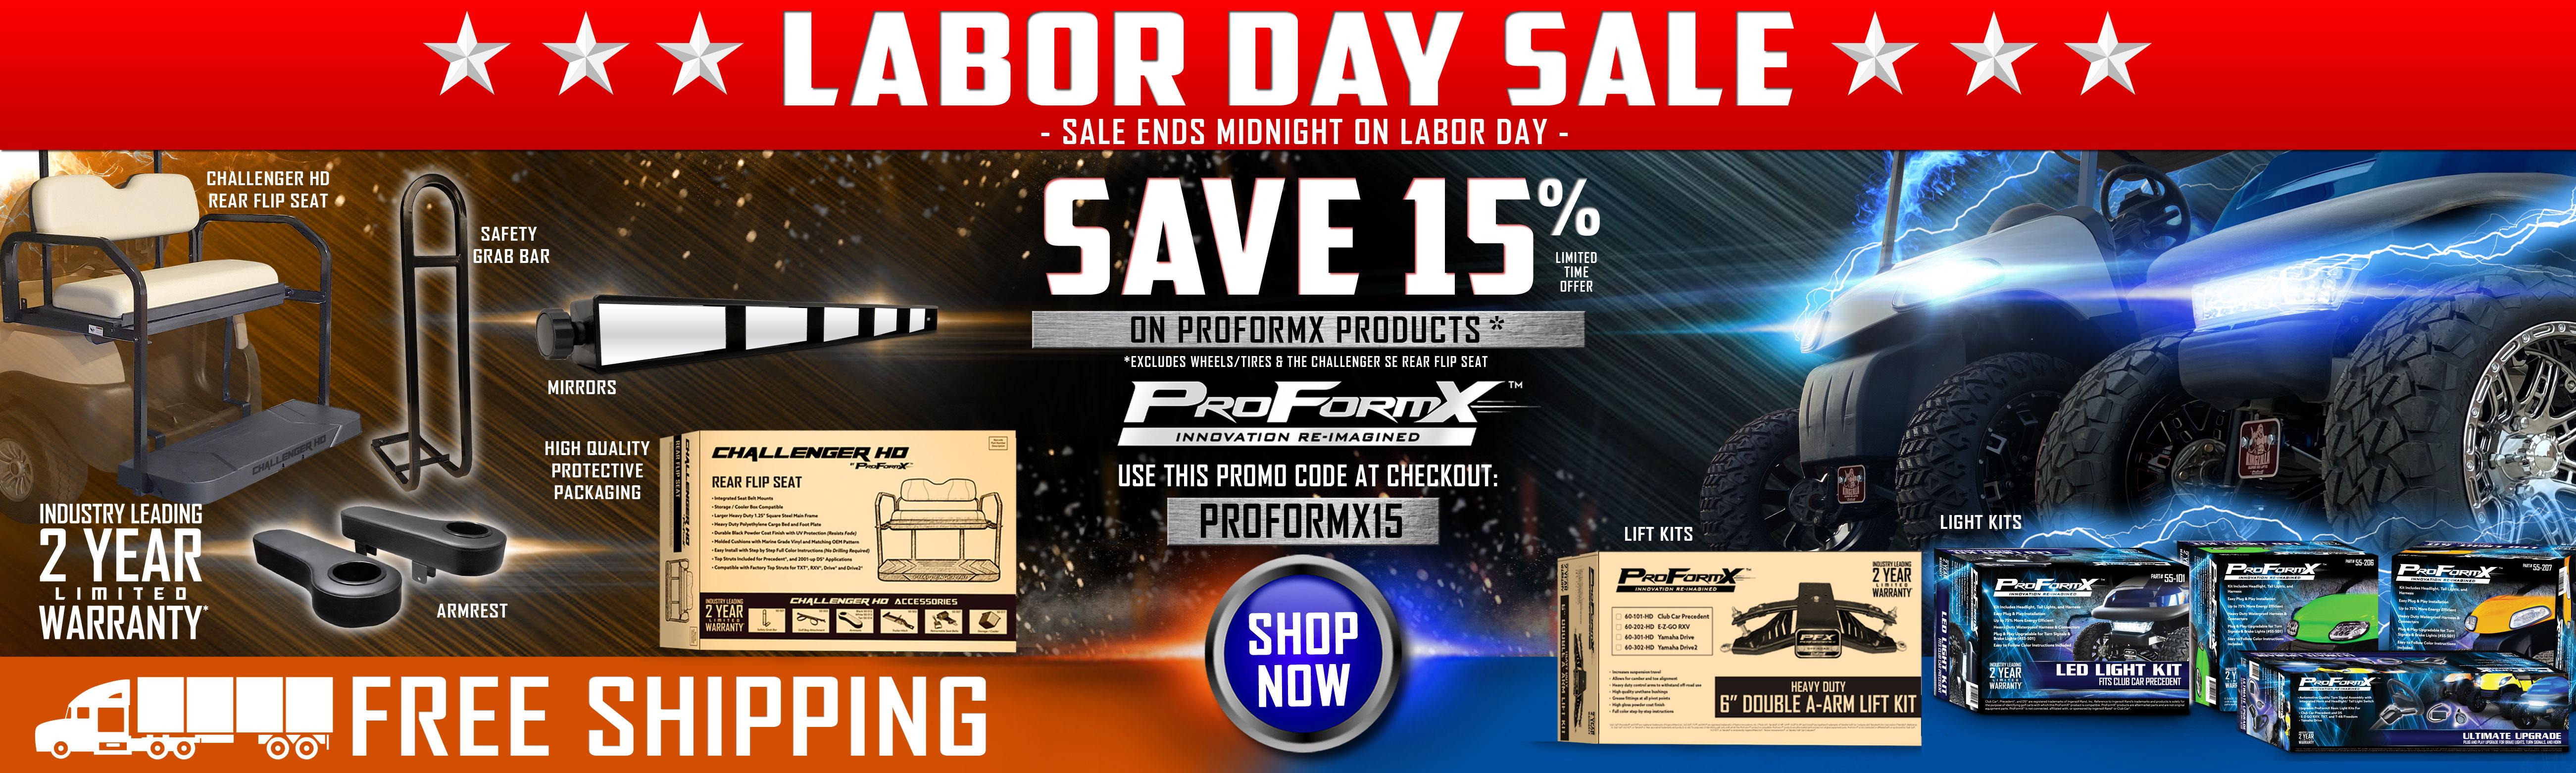 labor-day-2021-banner-sale.jpg